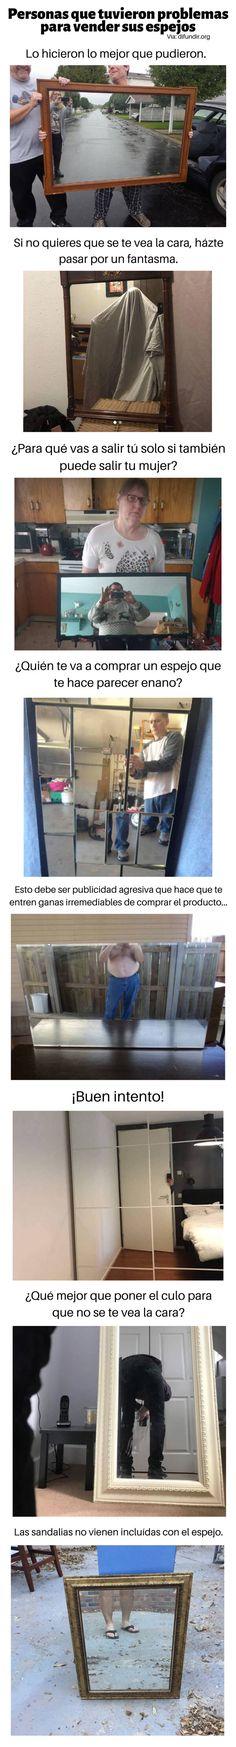 Personas que tuvieron problemas para vender sus espejos